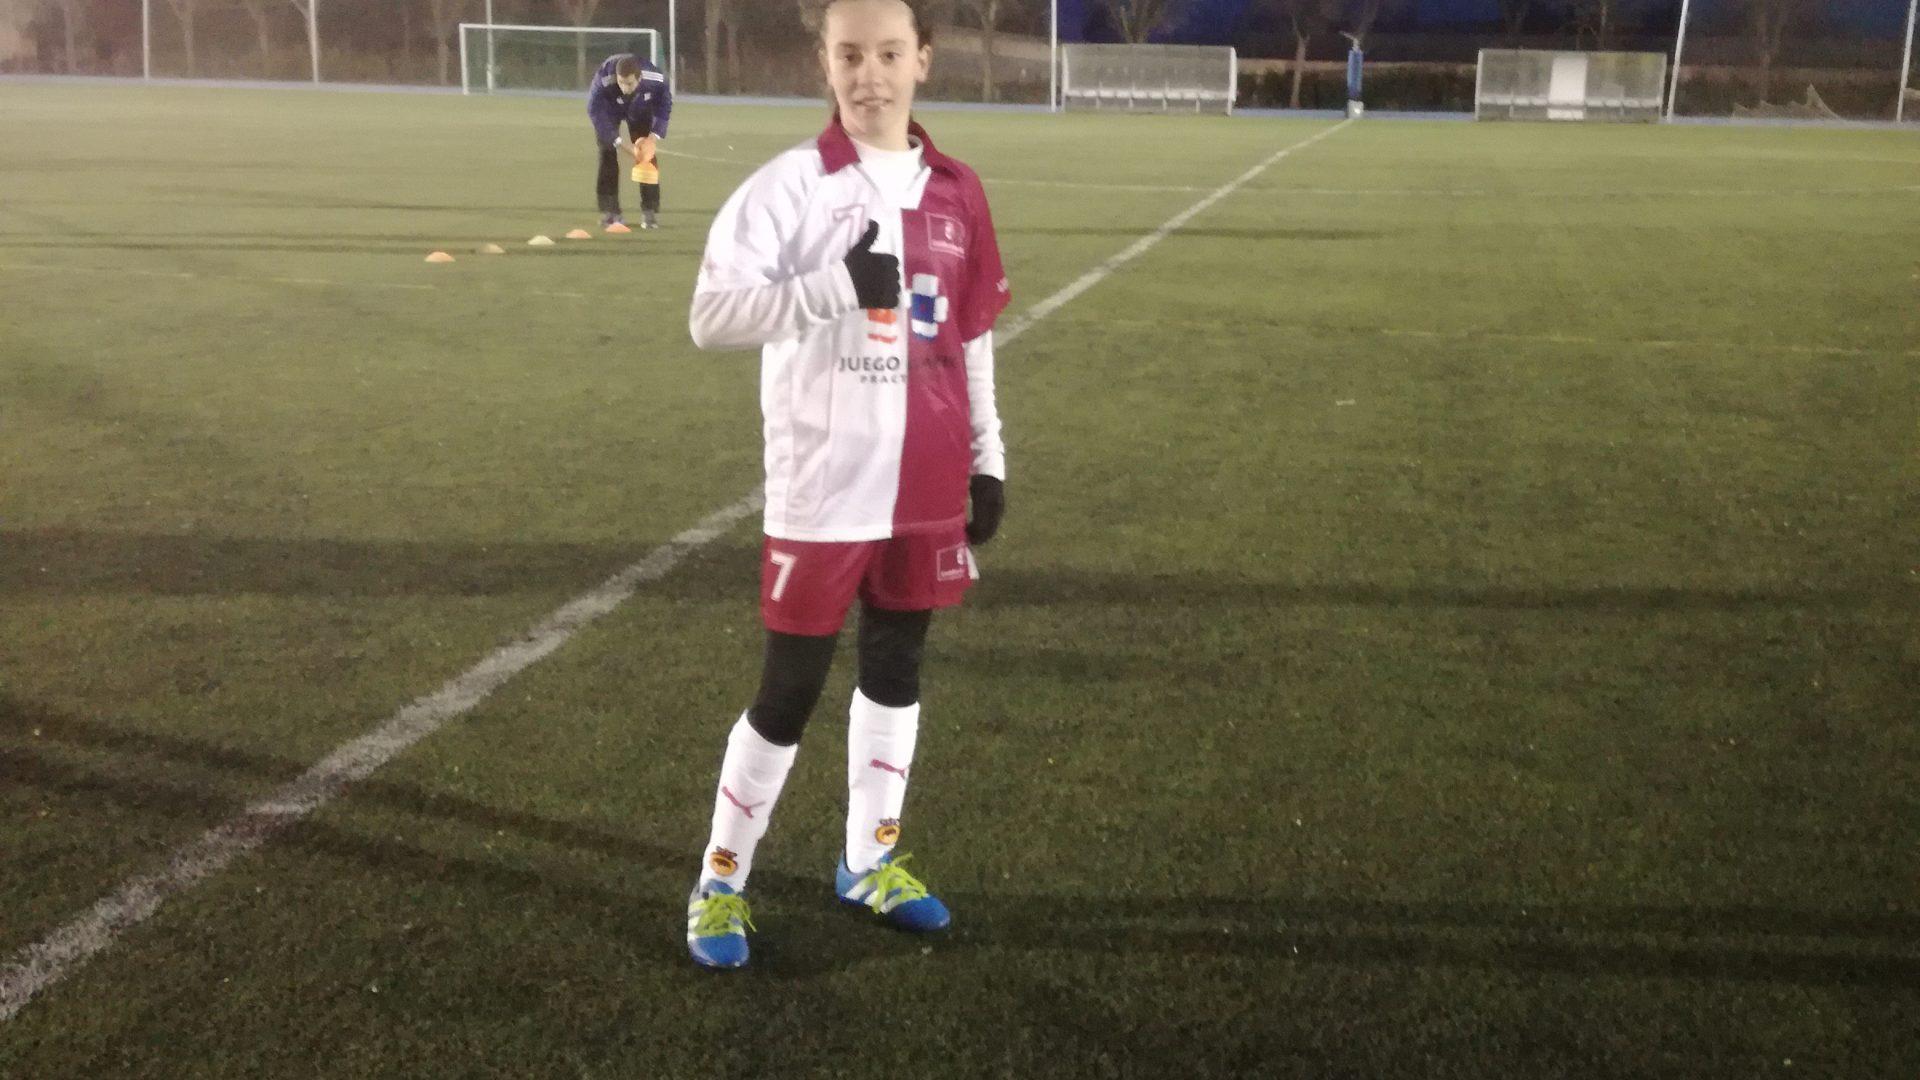 La futbolista de Iniesta Andrea Peñaranda ha sido convocada por la selección de CLM para el Campeonato de España